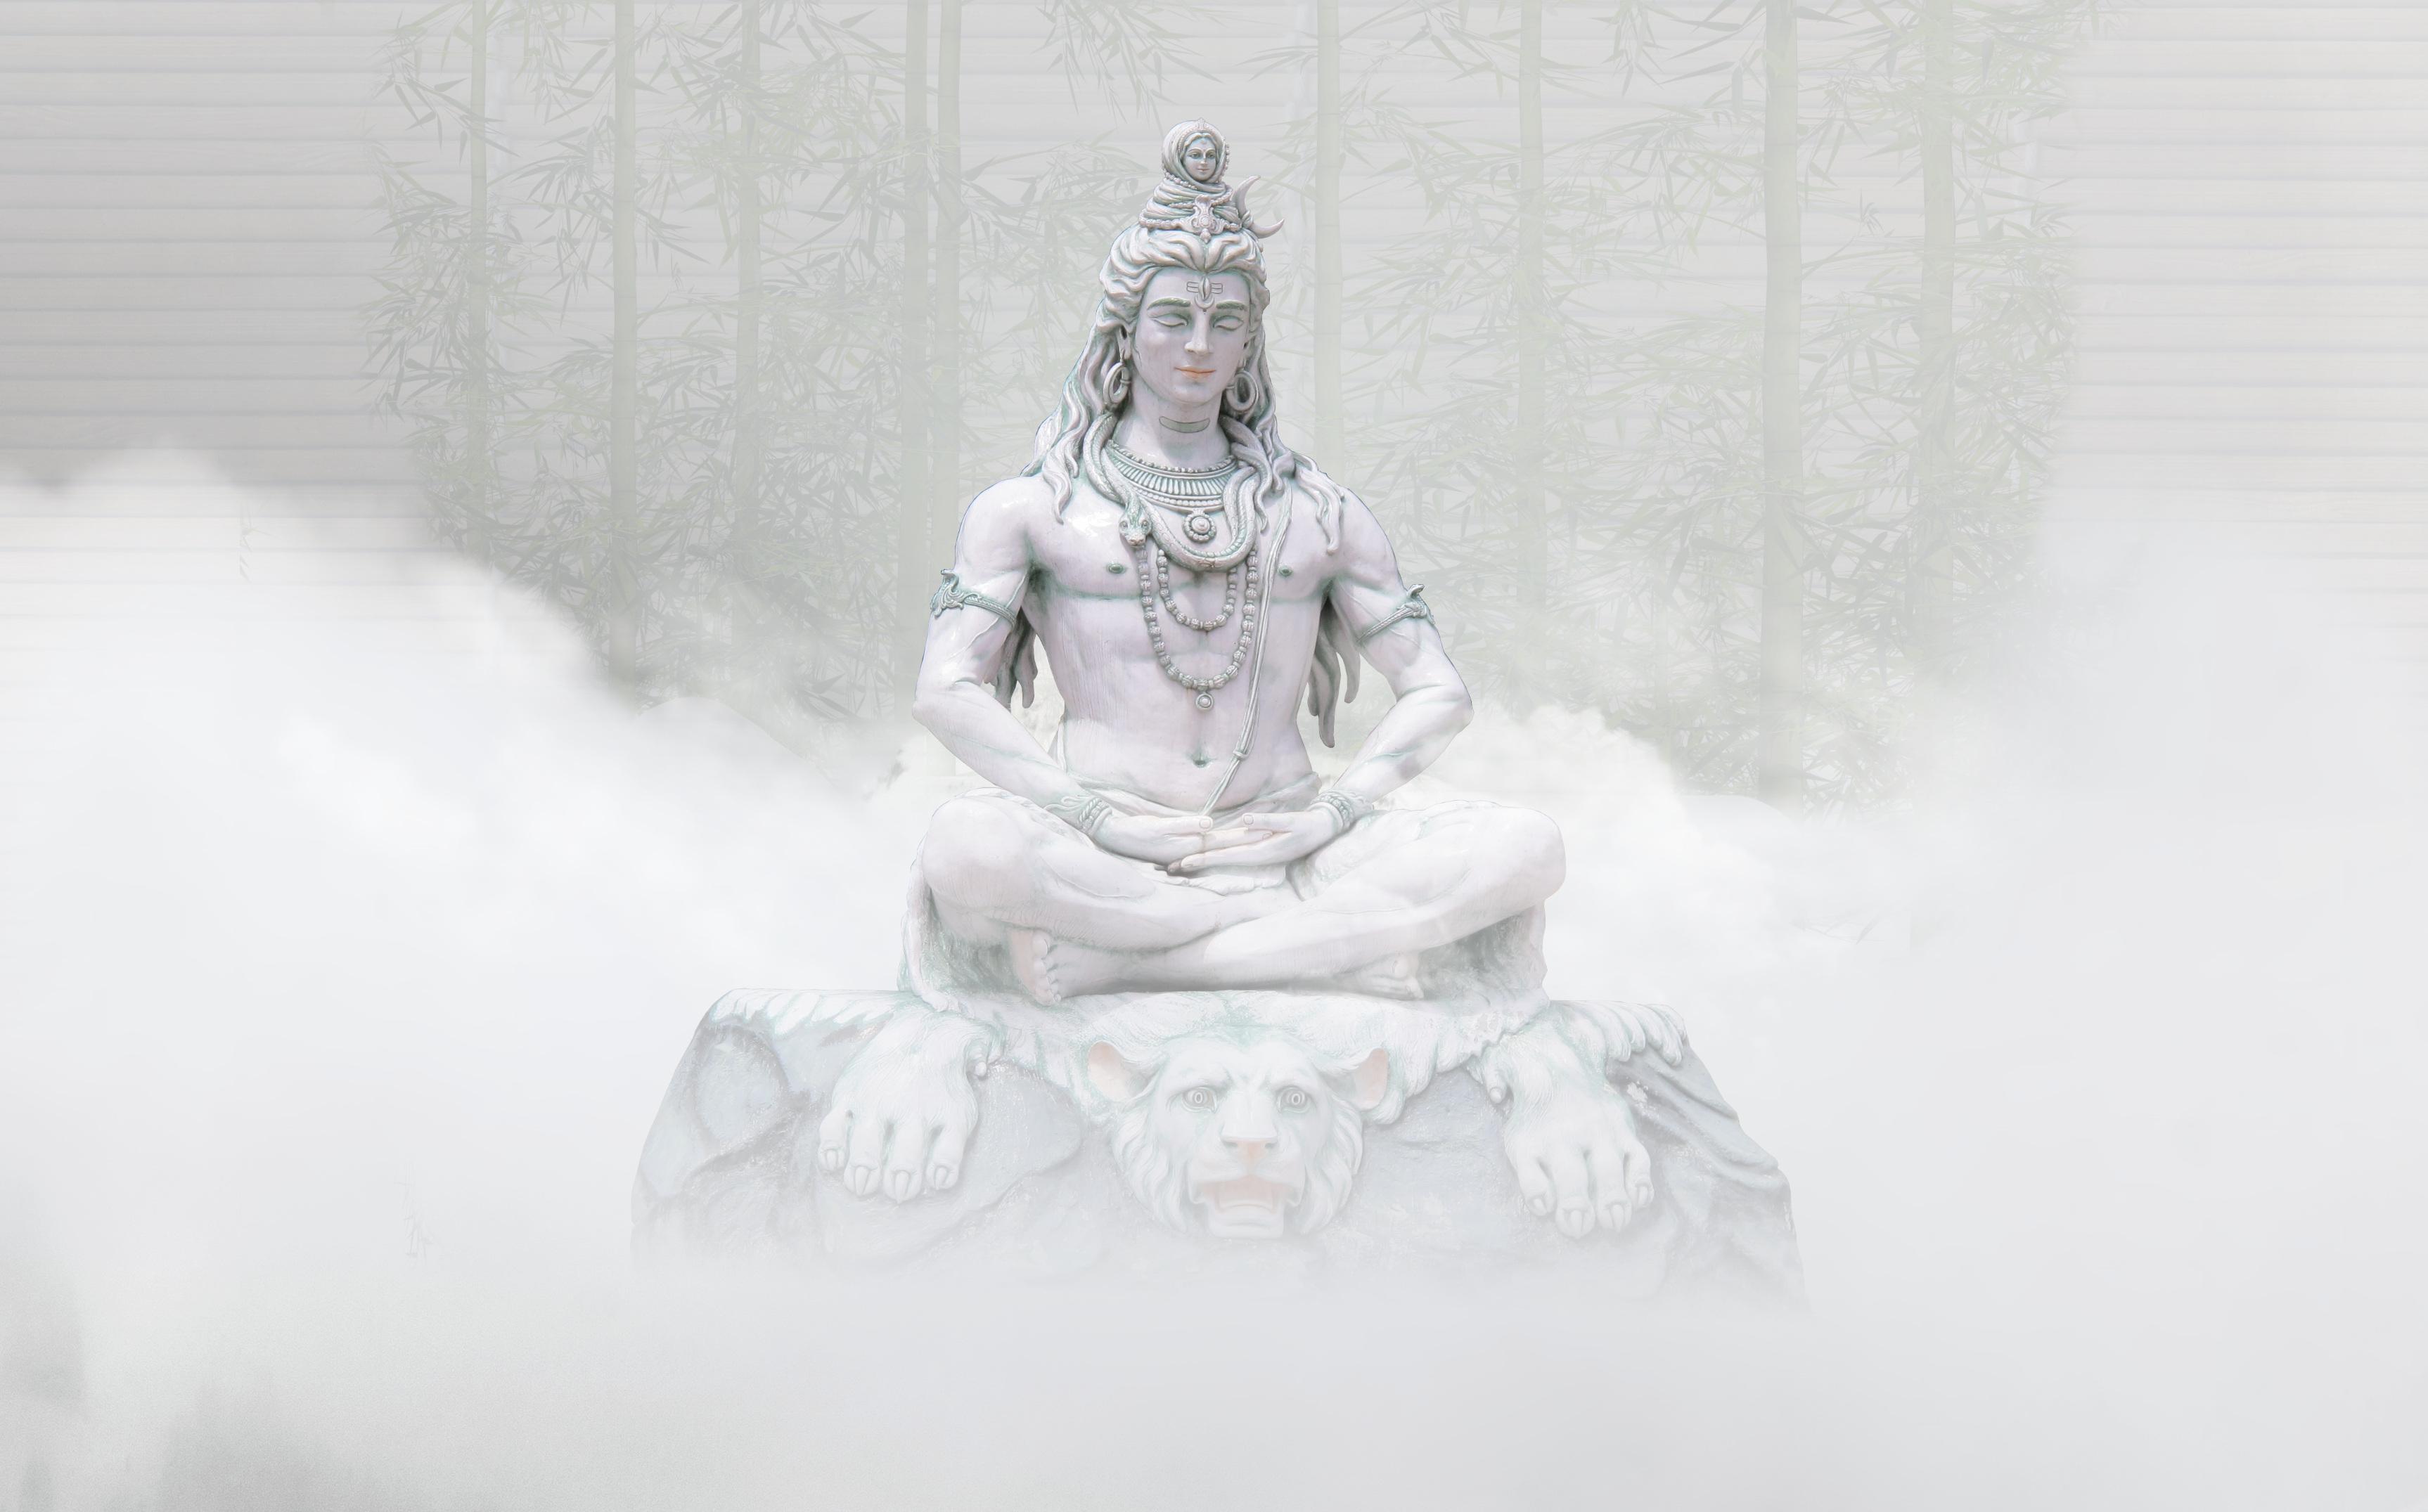 Hindu Goddess Fantasy Art